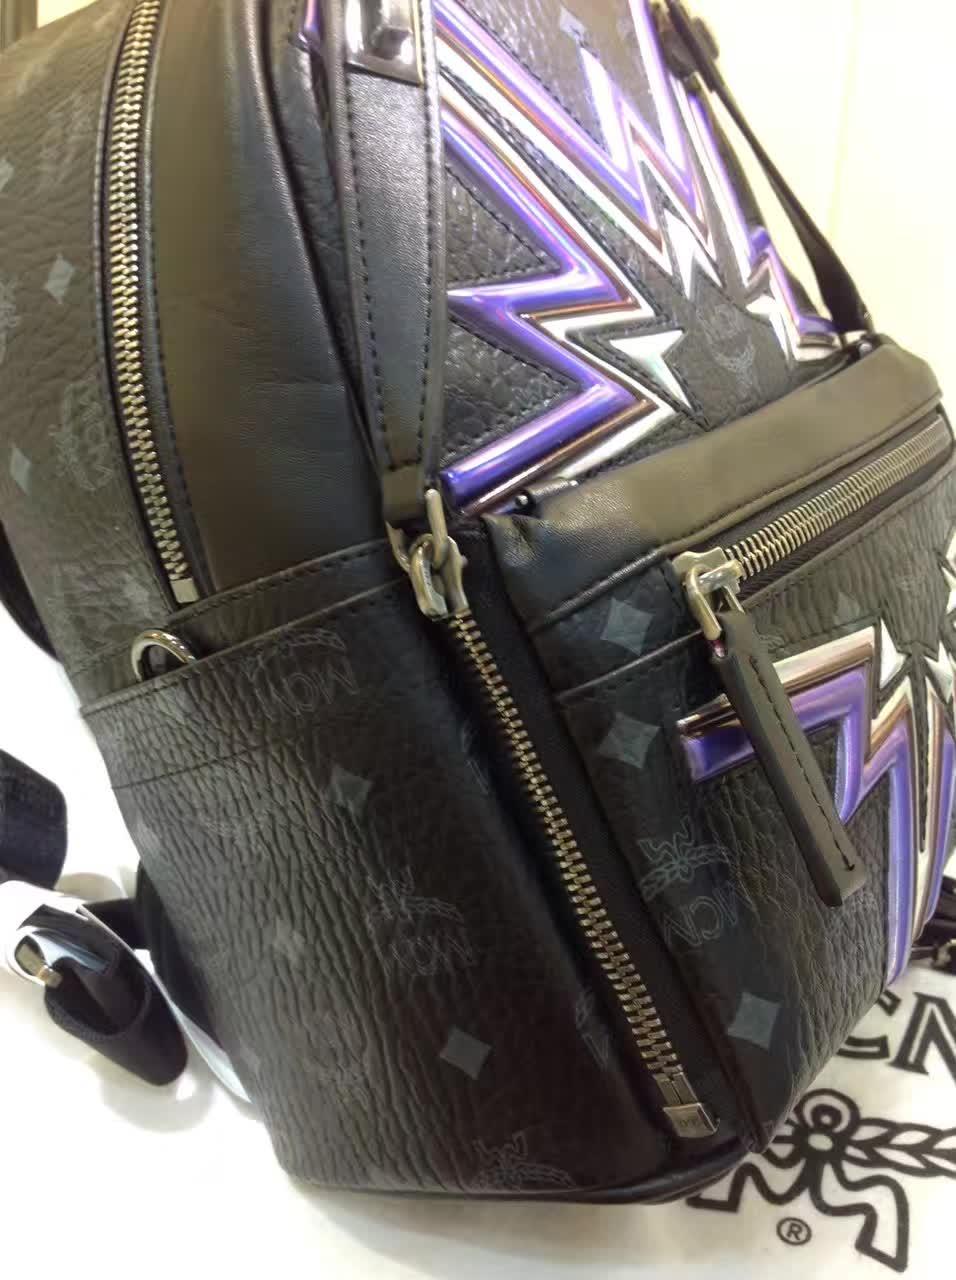 MCM专柜新款 重工个性闪电镭射设计子母包 柔软肩带全皮内里 黑色